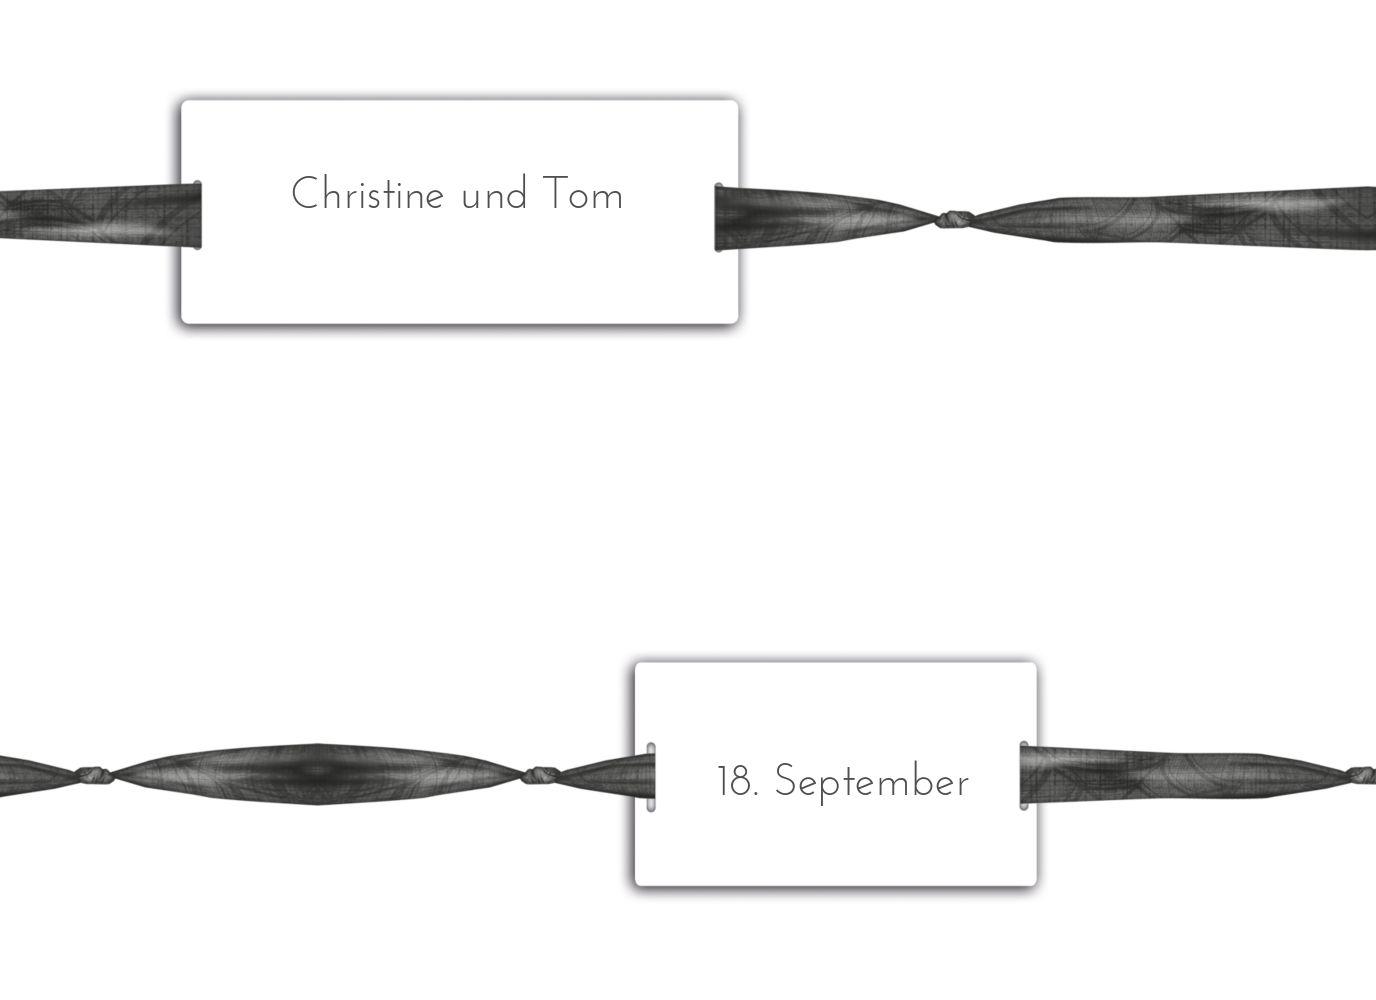 Ansicht 4 - Hochzeit Einladung loop label